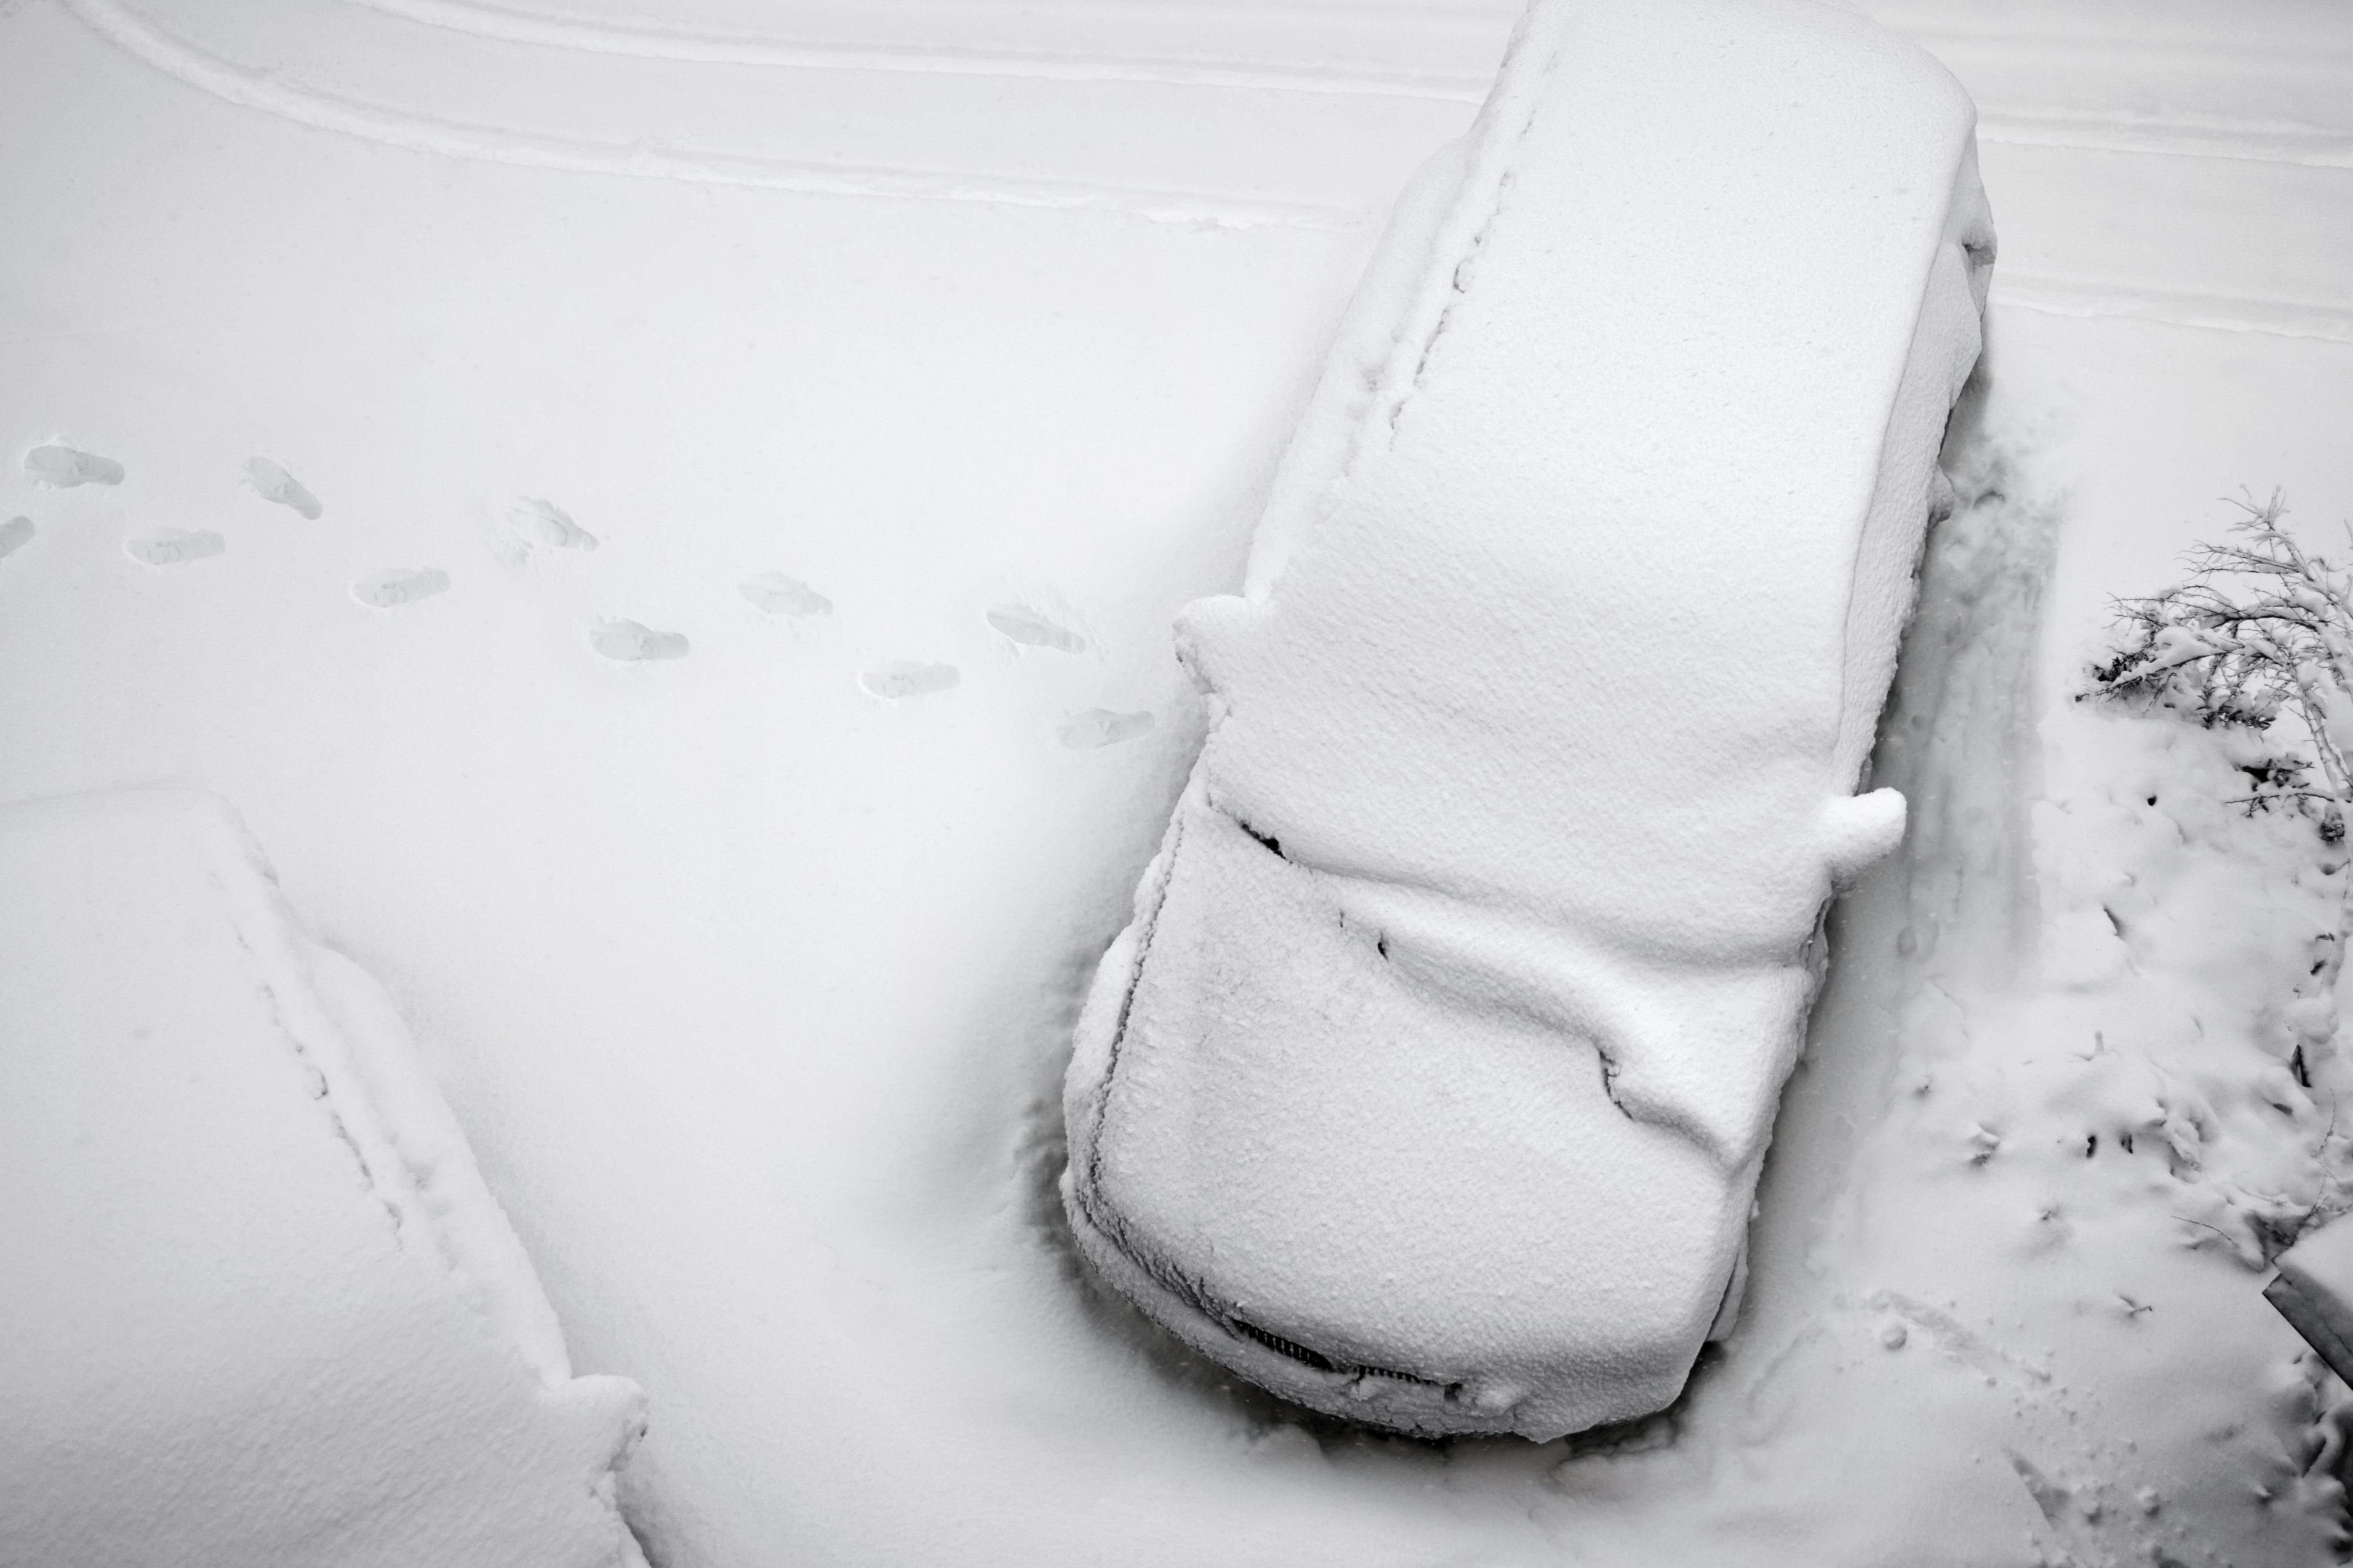 Schwangere bleibt im Schnee stecken – ihr Mann hilft bei der Geburt am Straßenrand